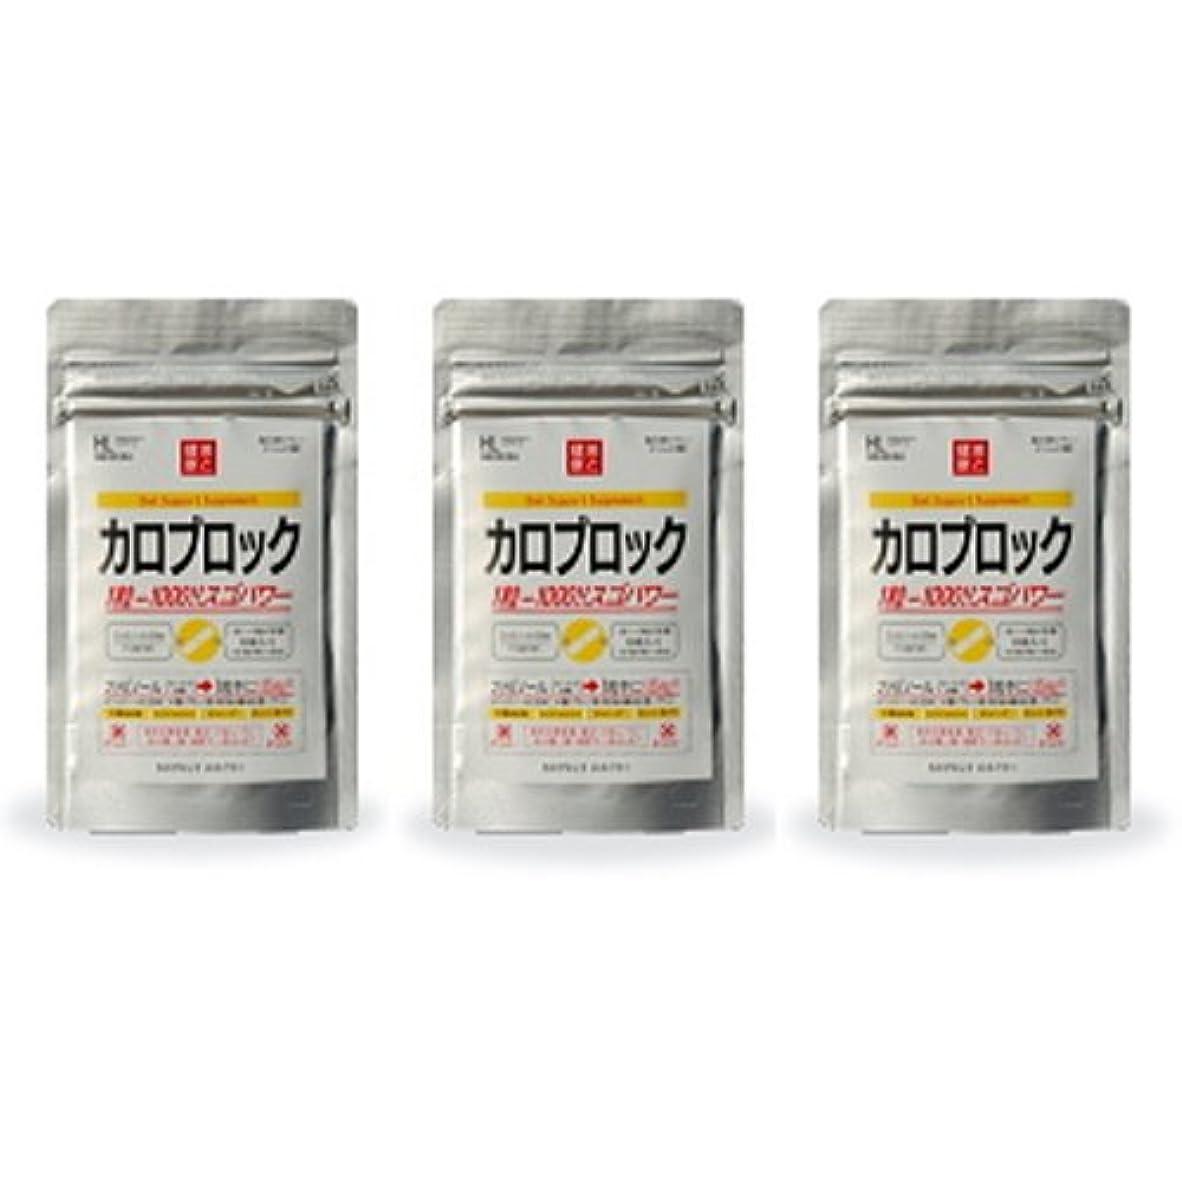 引き出す予想外罪悪感カロブロックスゴパワー 3個セット(白いんげん豆配合ダイエットサプリ)